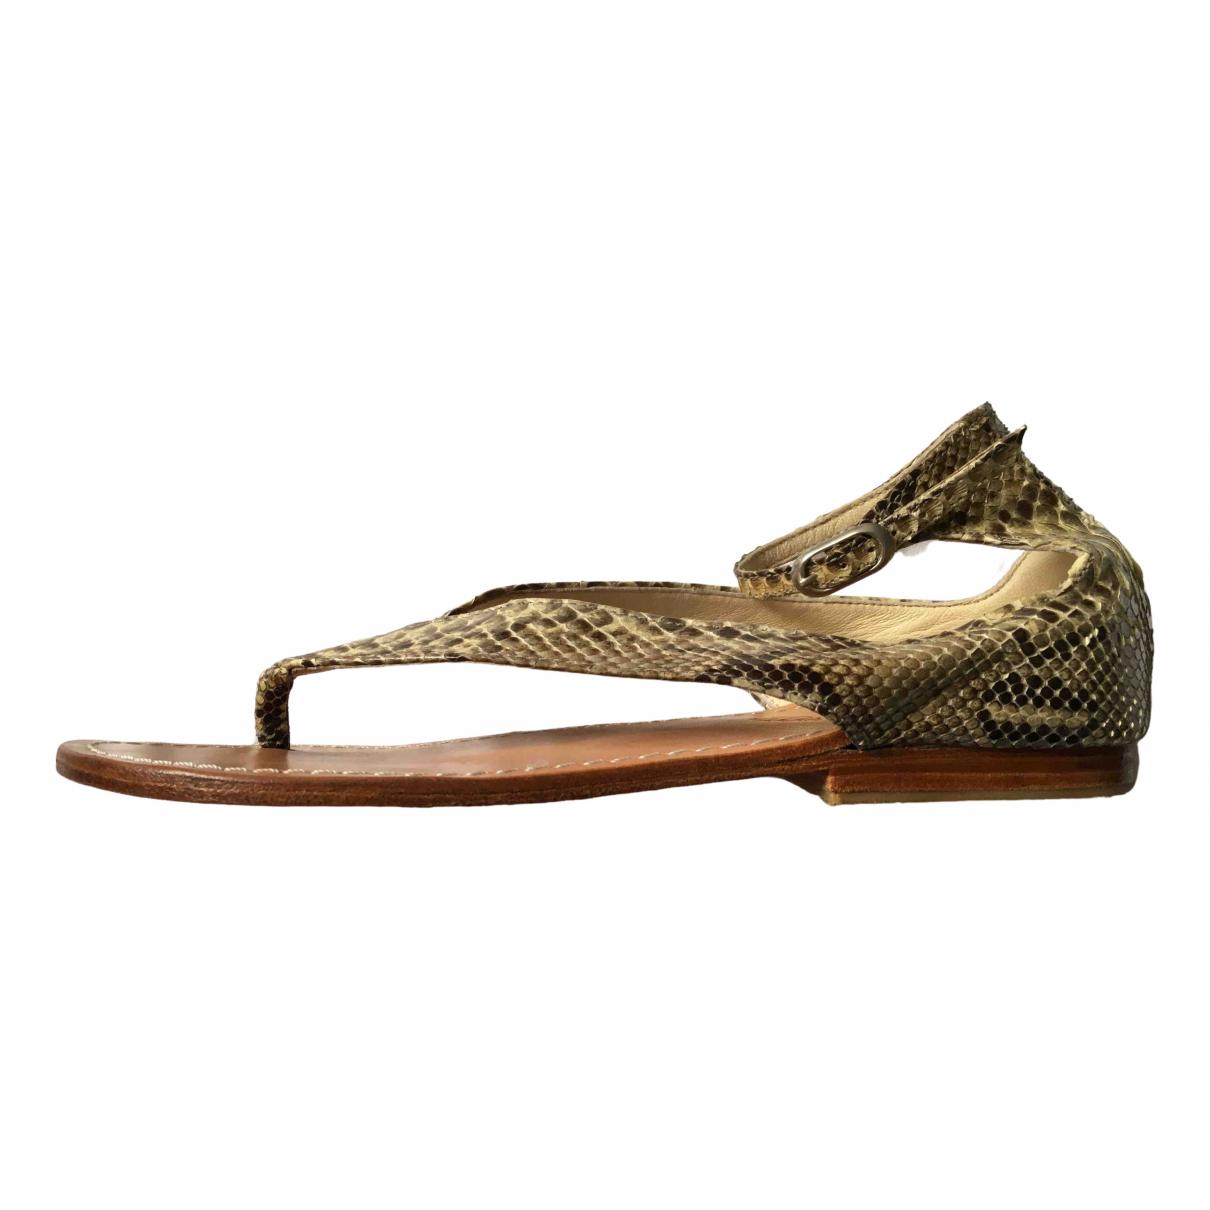 Tatoosh \N Sandalen in  Beige Wasserschlangen